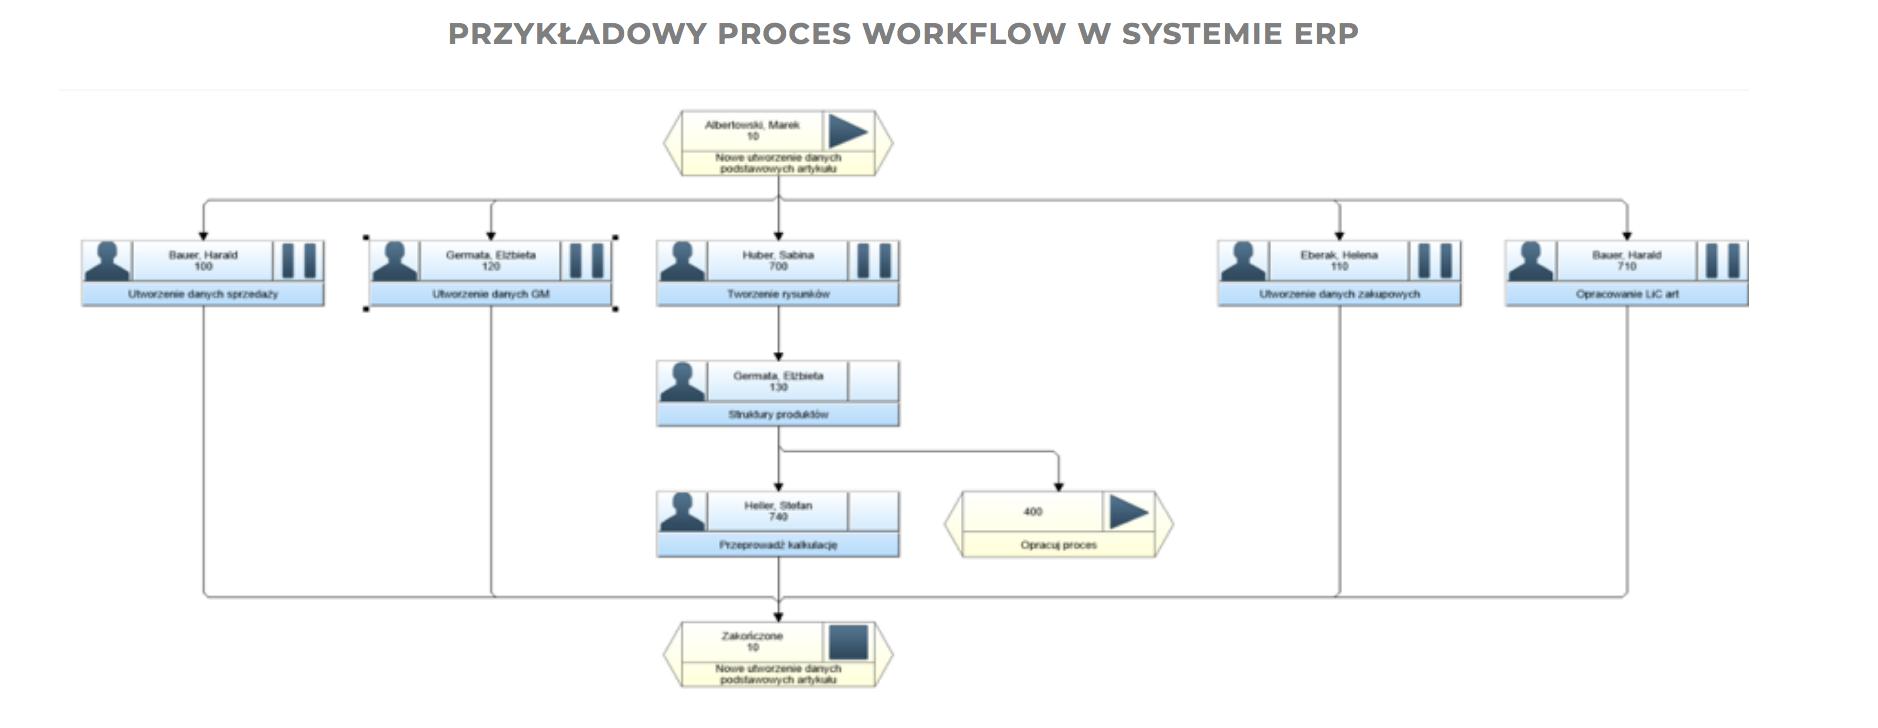 przykladowy proces workflow w systemie erp